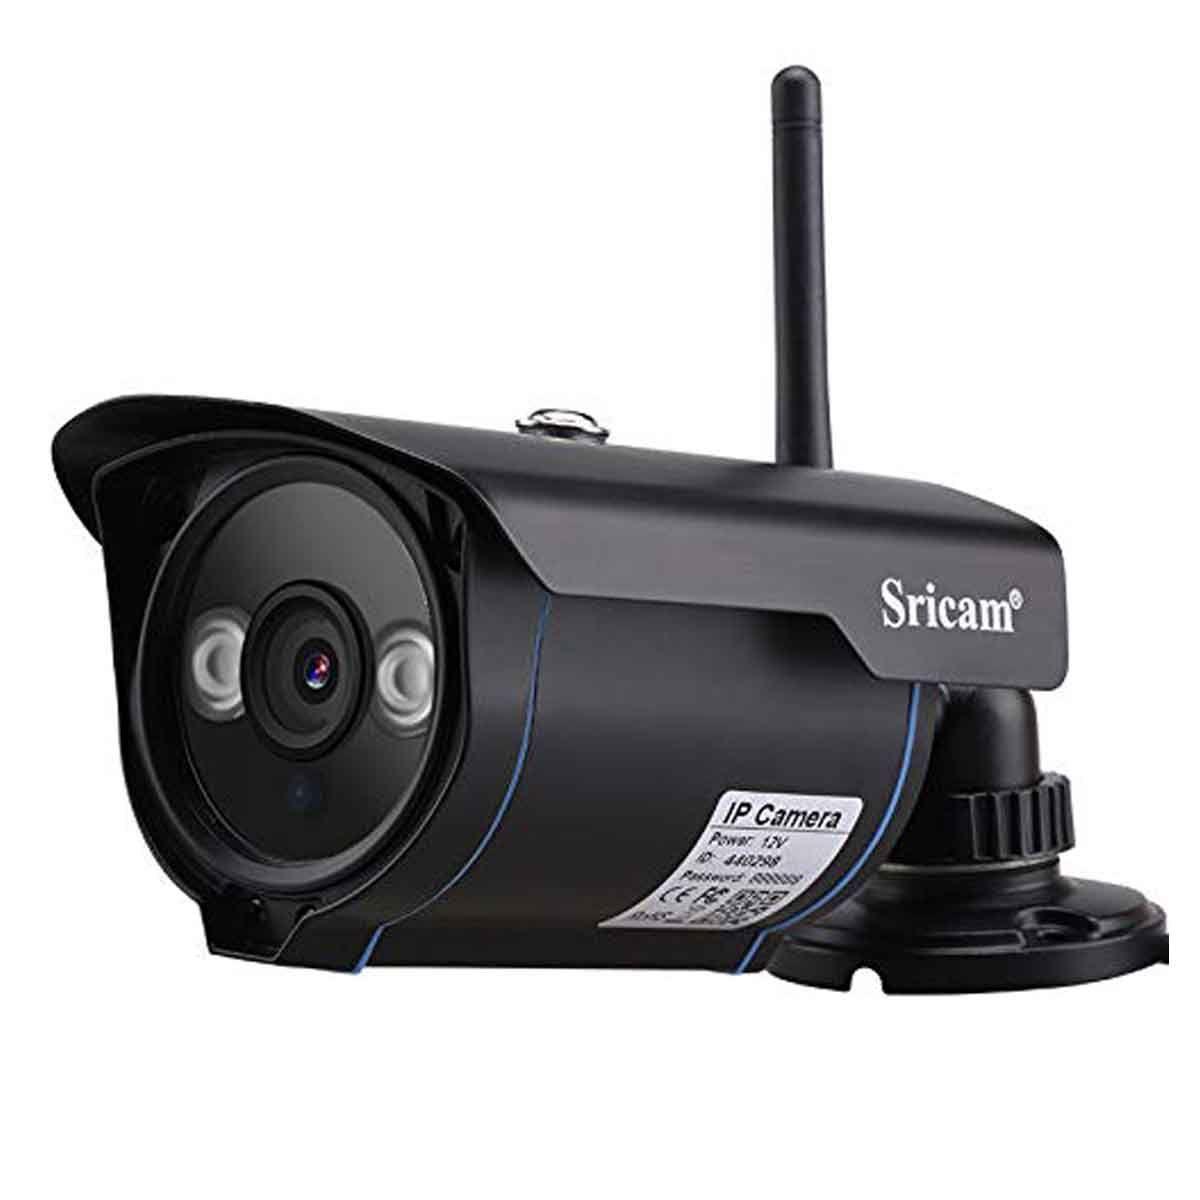 Sricam WiFi Wireless SP007